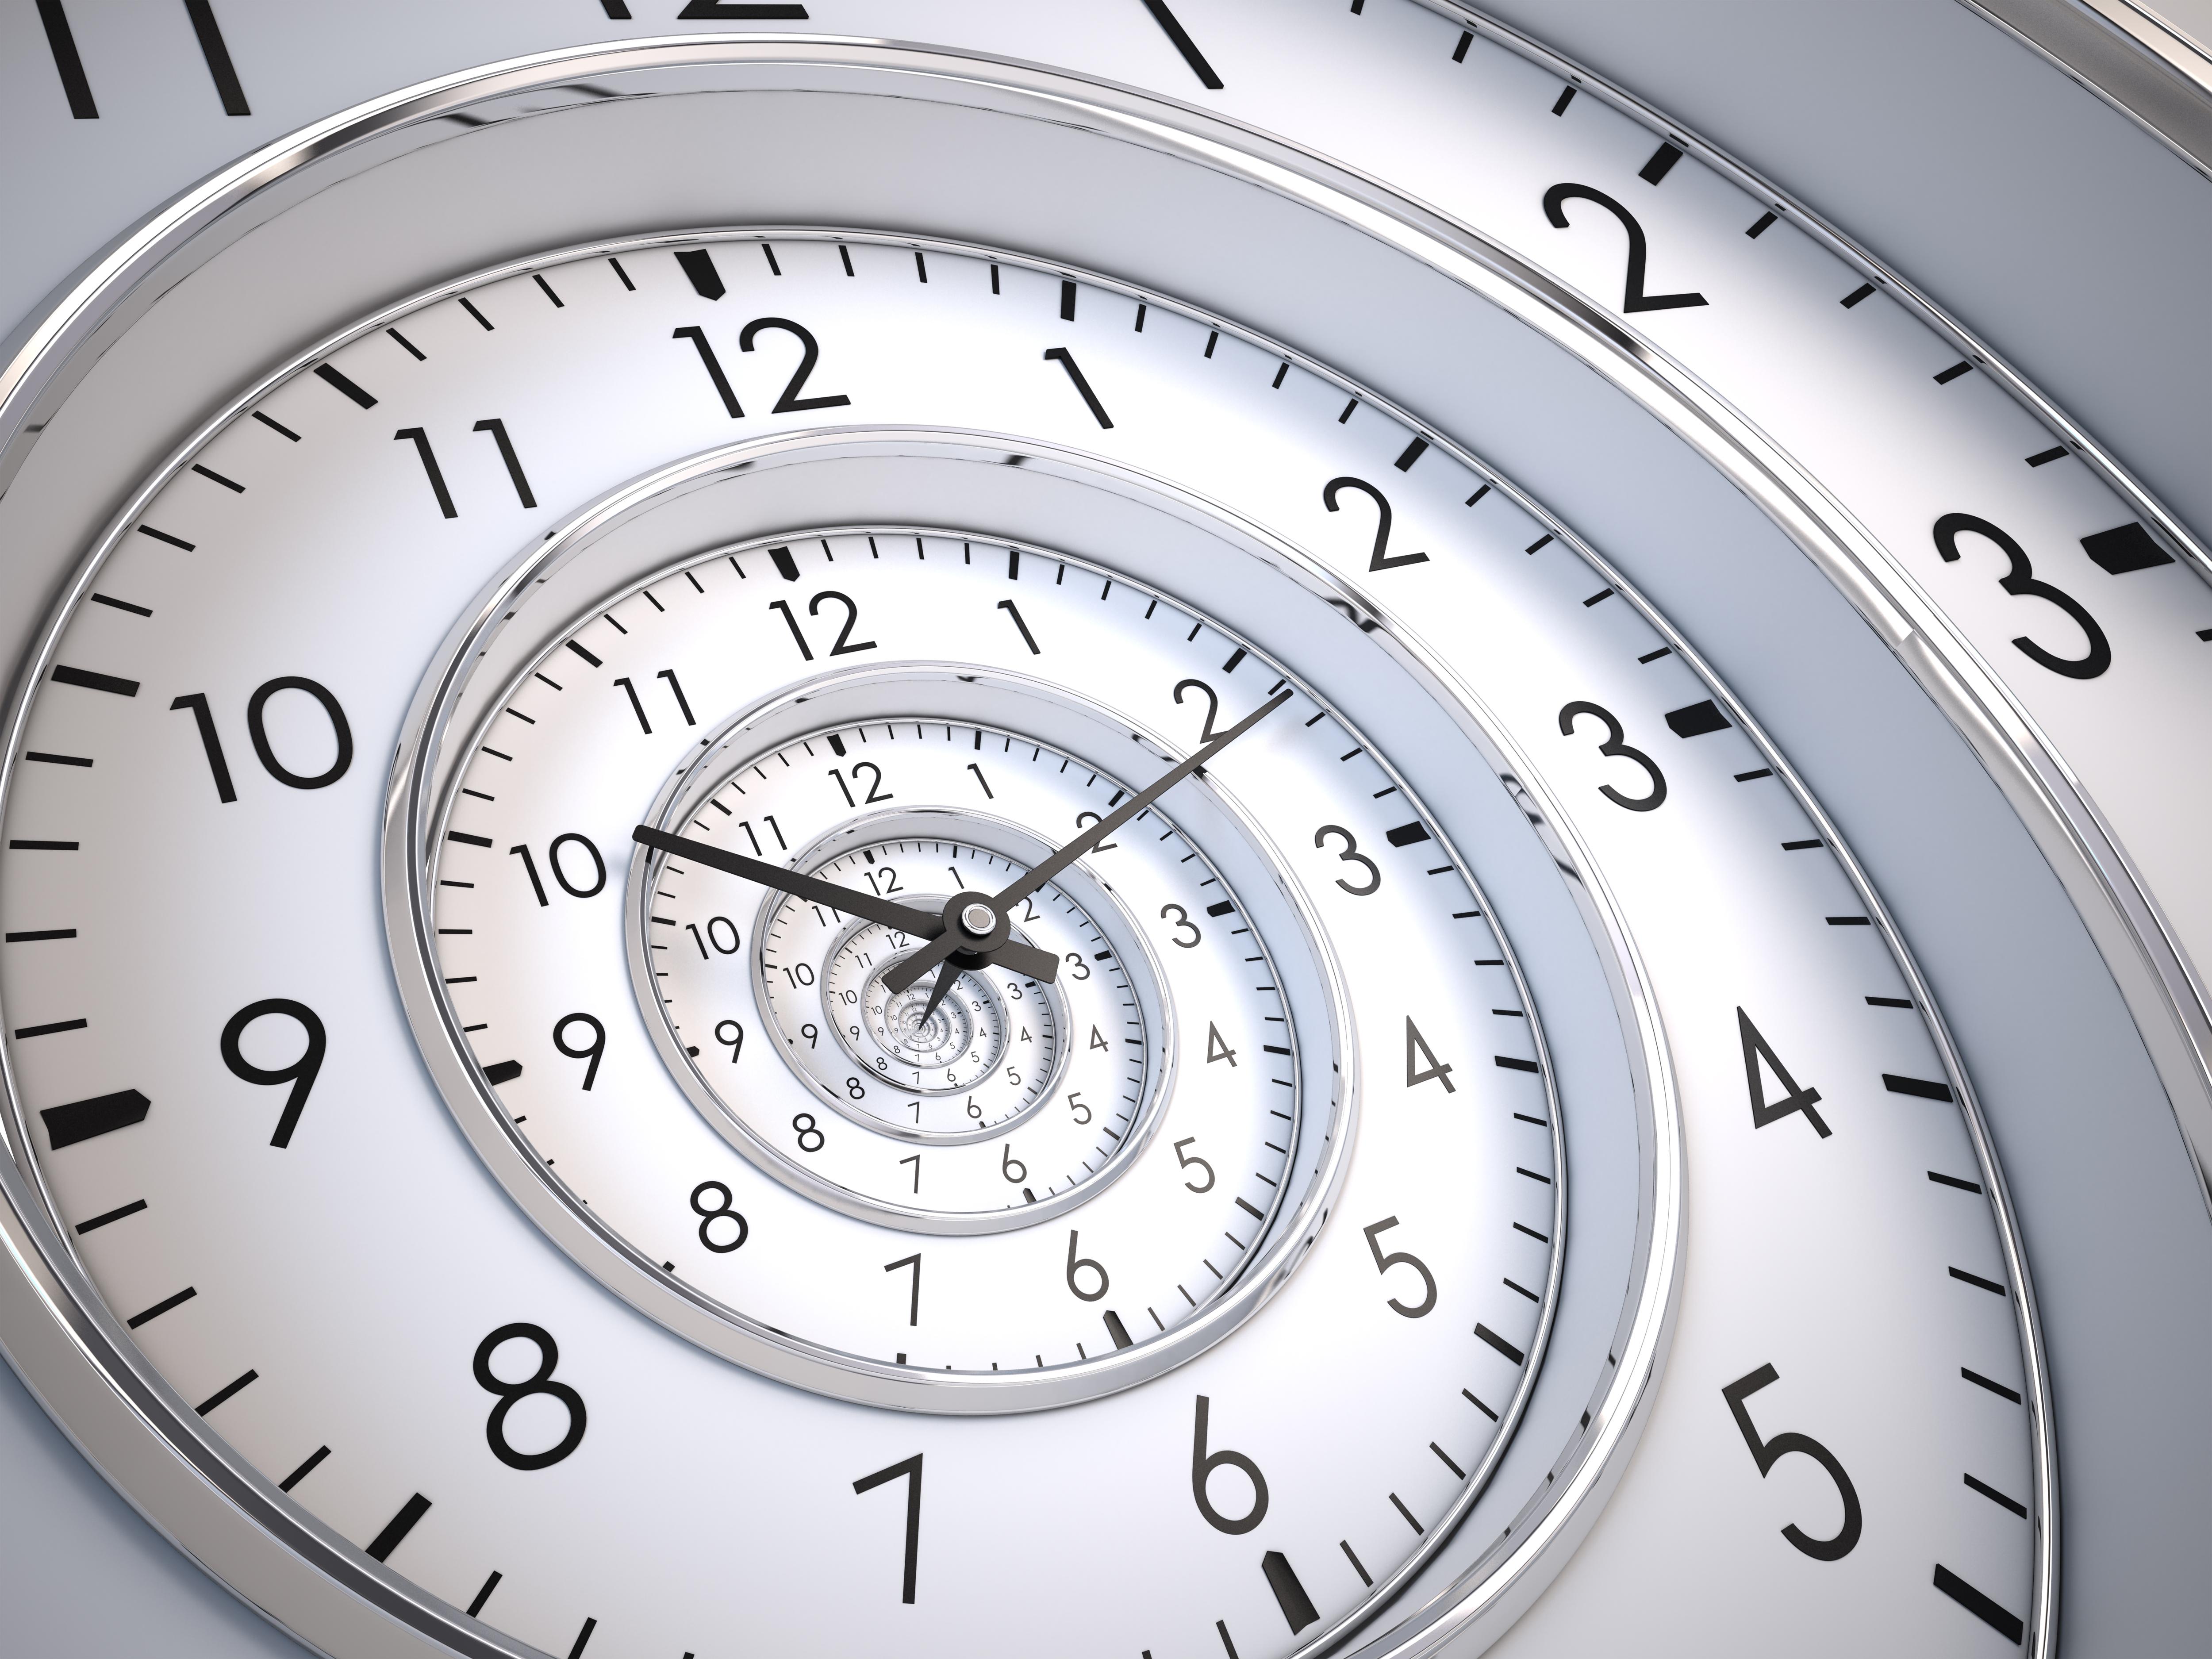 Infinity Time Spiral © Sashkin7, depositphotos